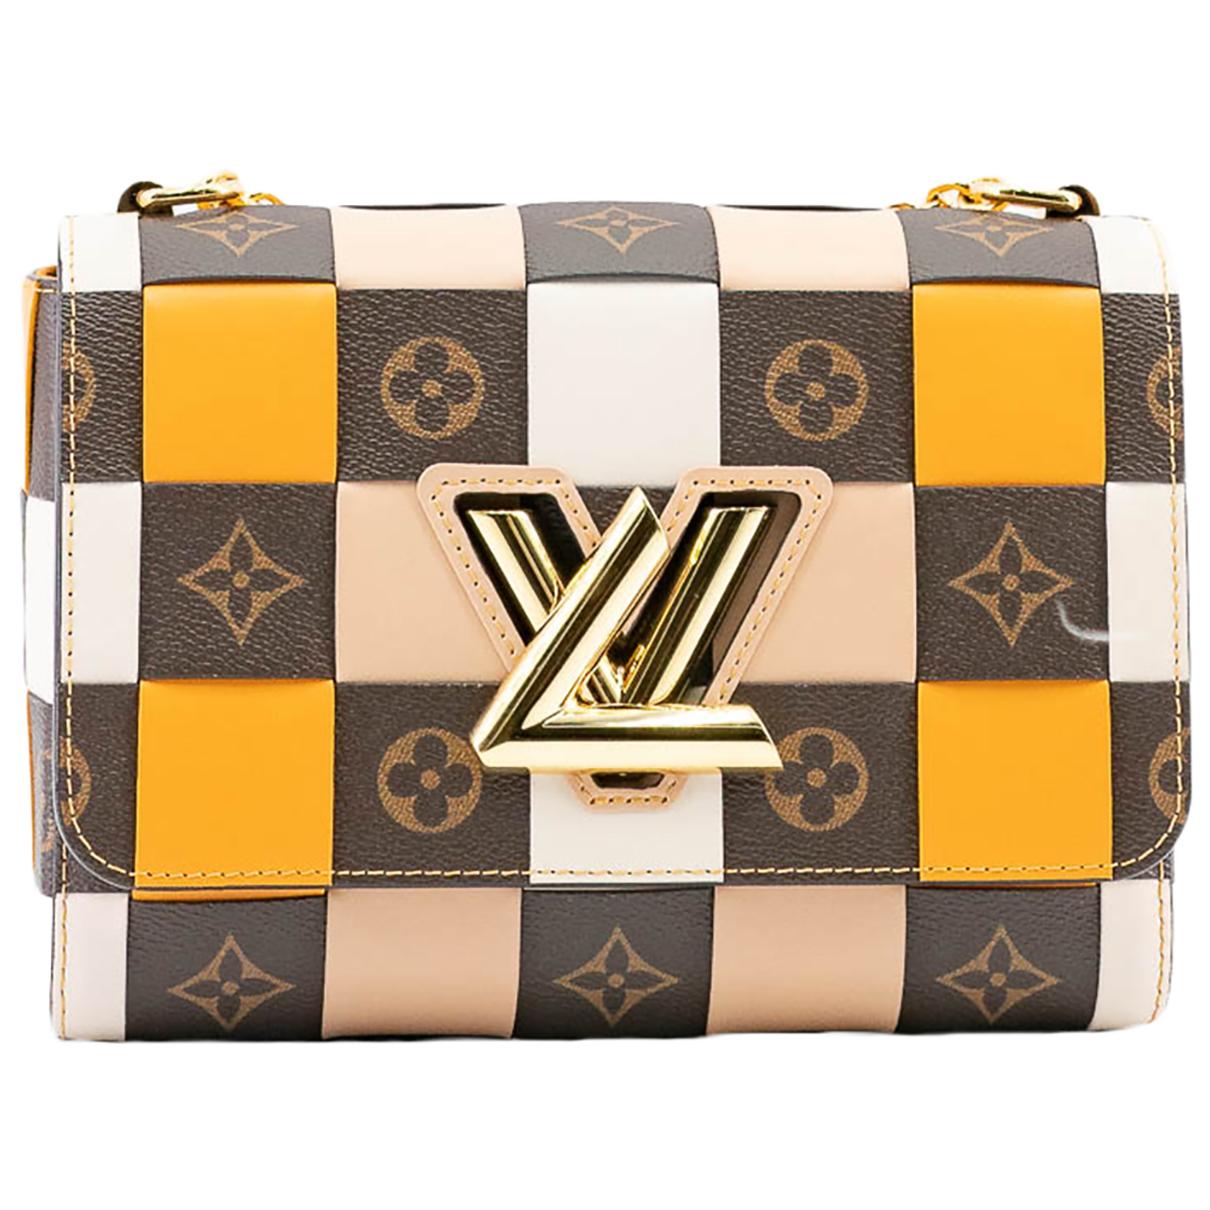 Louis Vuitton Twist Multicolour Leather handbag for Women \N